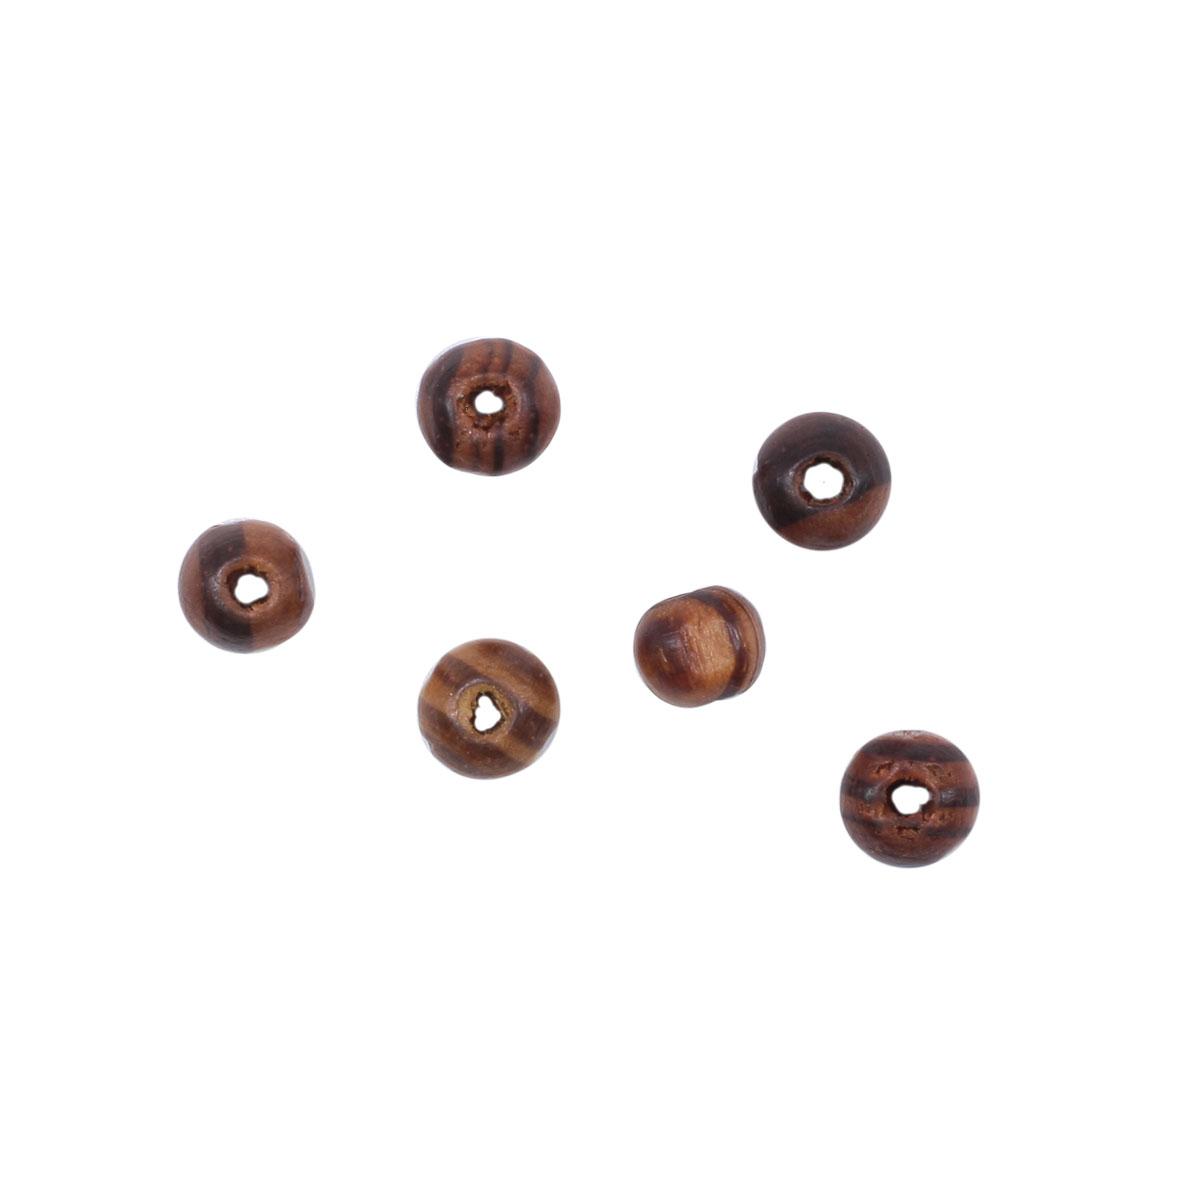 4AR388 Бусины деревянные светлые/полоска, 8мм, 18гр/упак, Астра